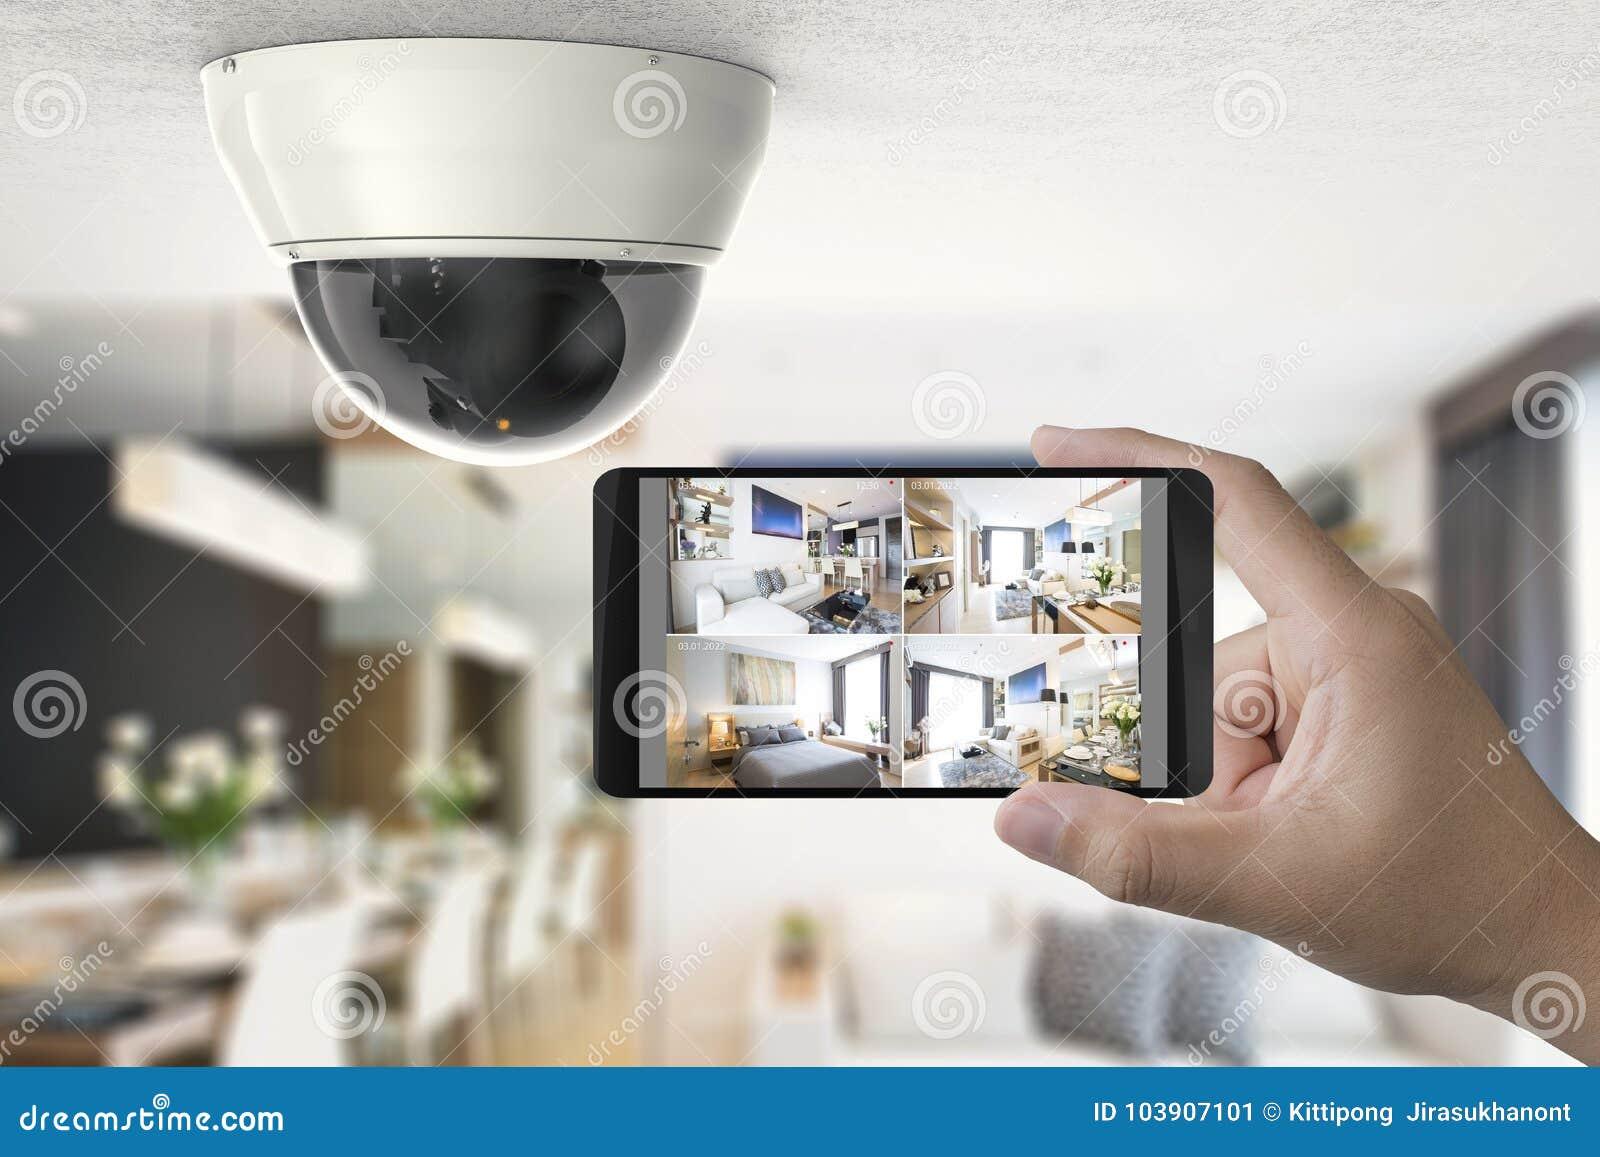 Wisząca ozdoba łączy z kamerą bezpieczeństwa